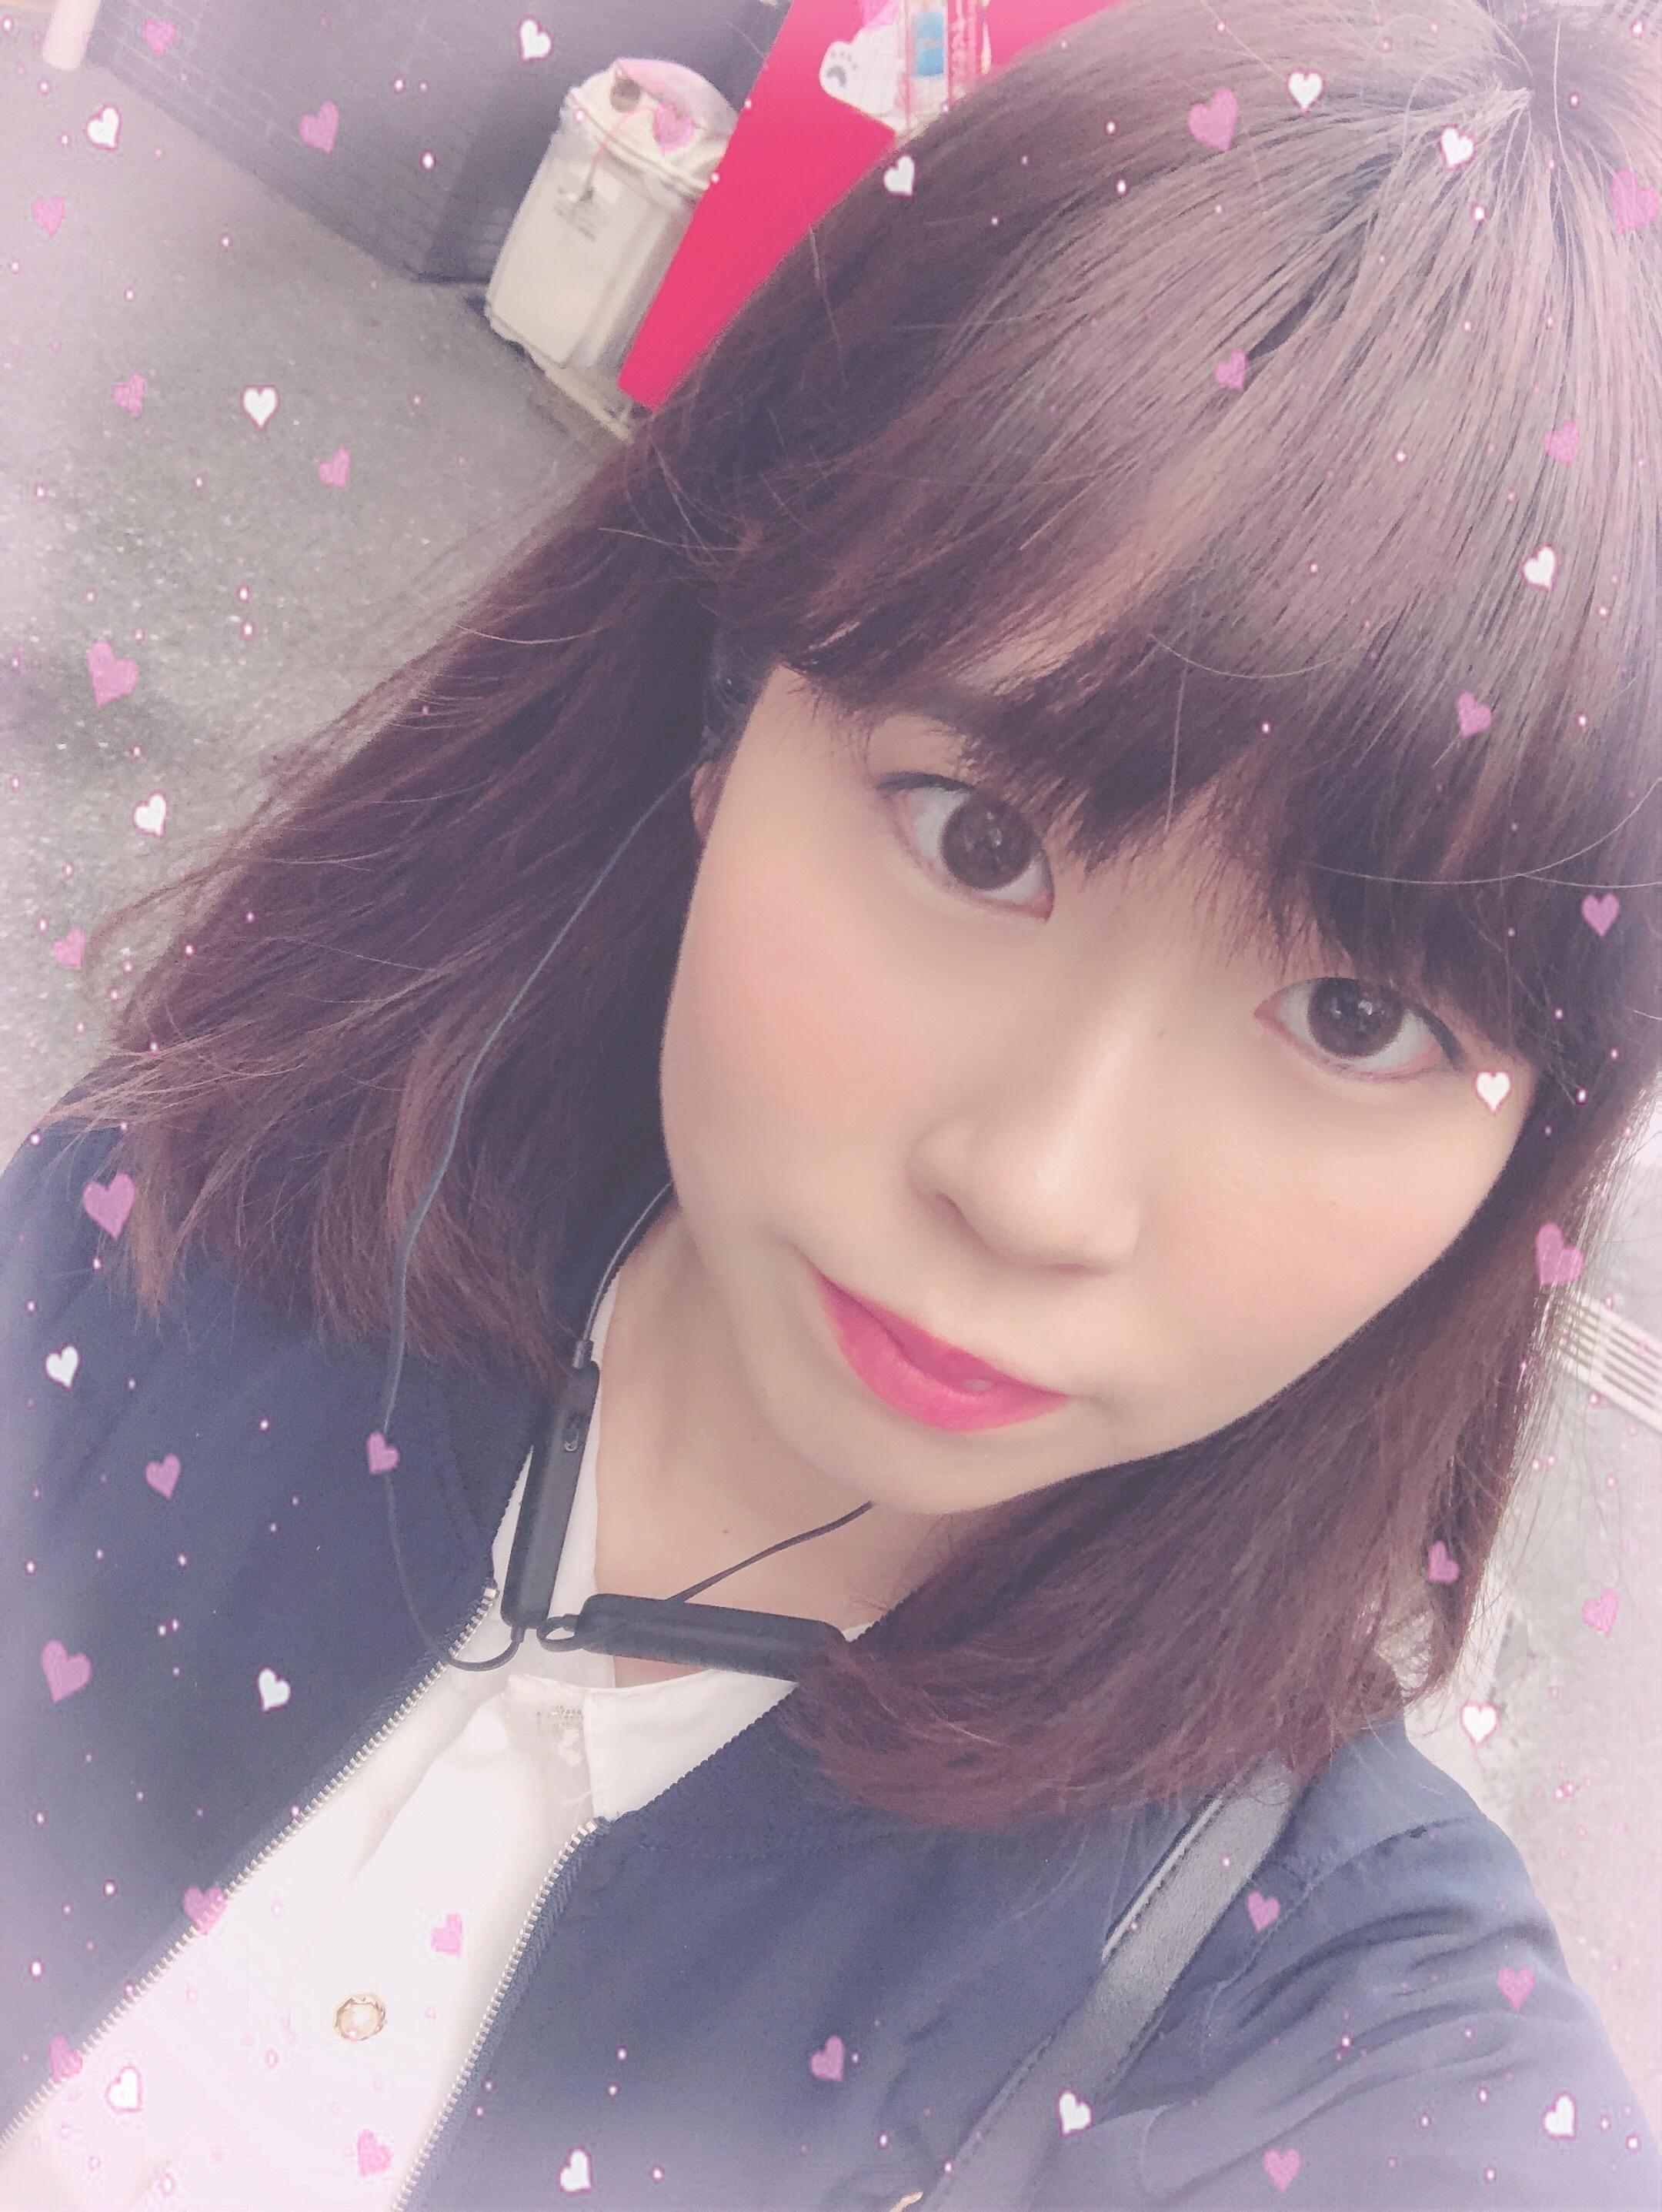 「本日?」10/19(10/19) 09:26 | ゆらりの写メ・風俗動画